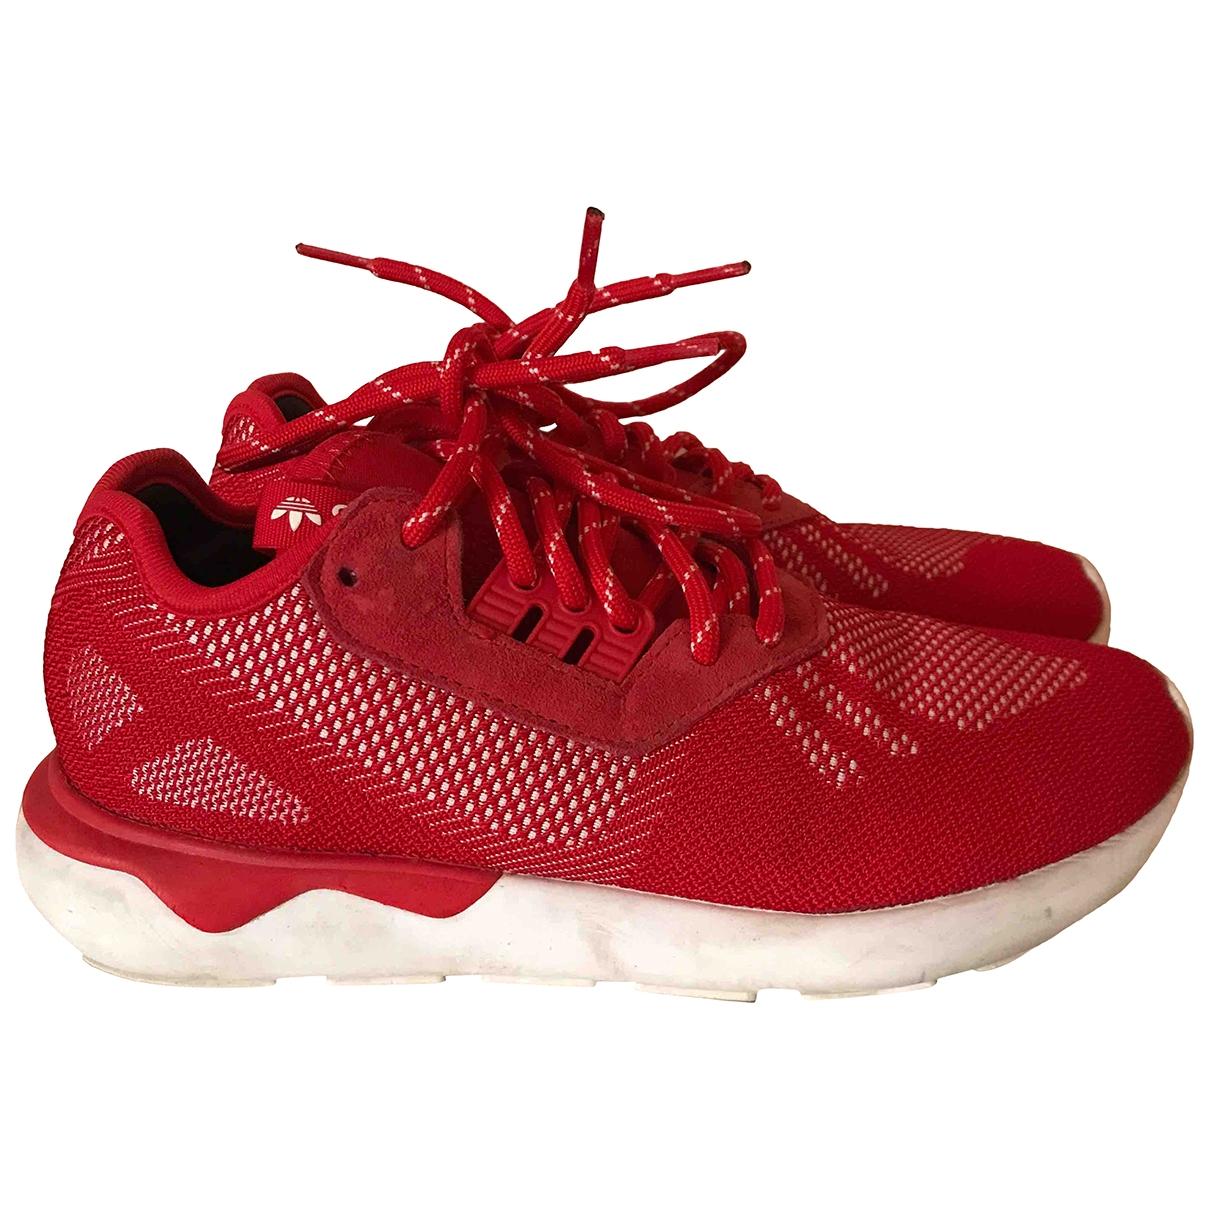 Adidas - Baskets Tubular pour femme en caoutchouc - rouge